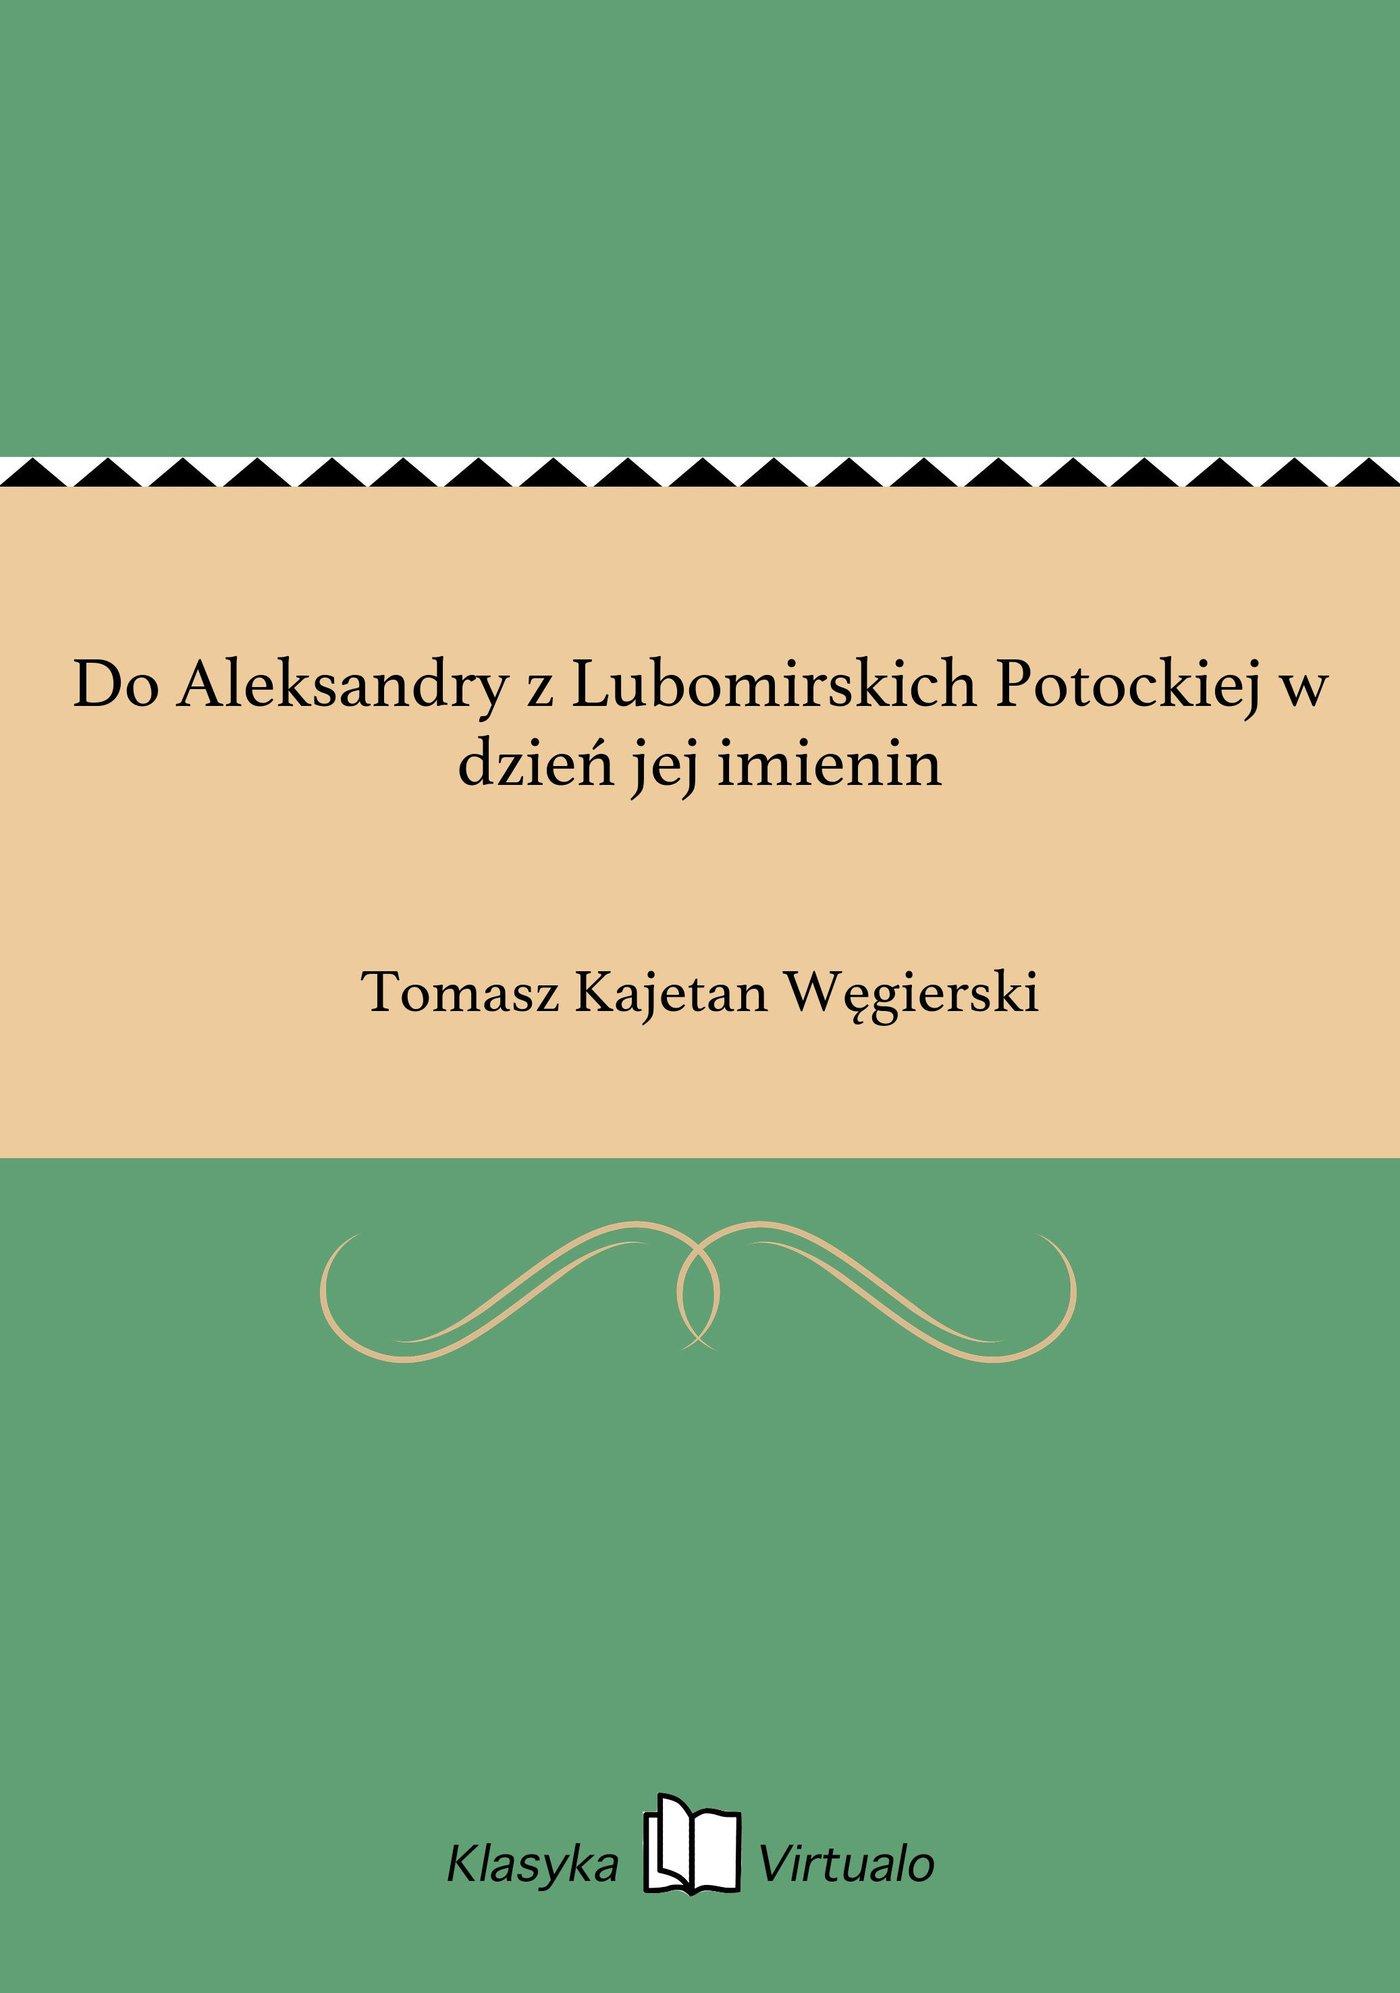 Do Aleksandry z Lubomirskich Potockiej w dzień jej imienin - Ebook (Książka EPUB) do pobrania w formacie EPUB